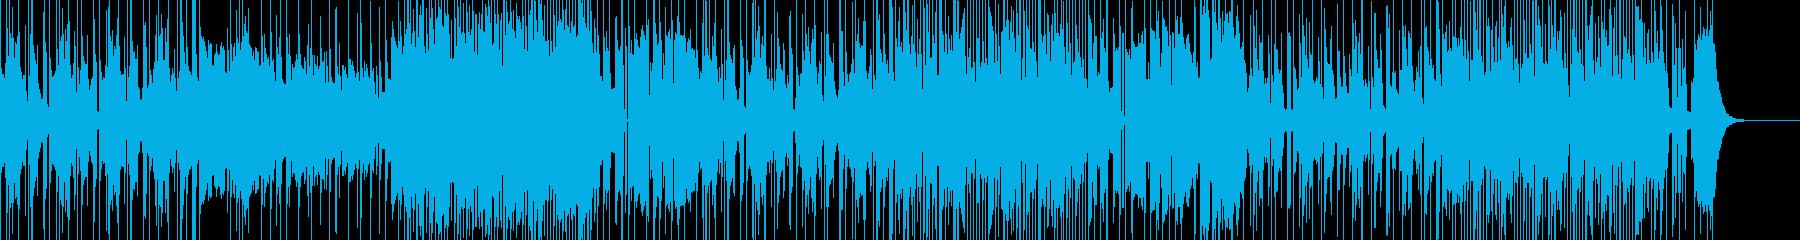 熱帯夜をのり切るメタルなファンク・ロックの再生済みの波形